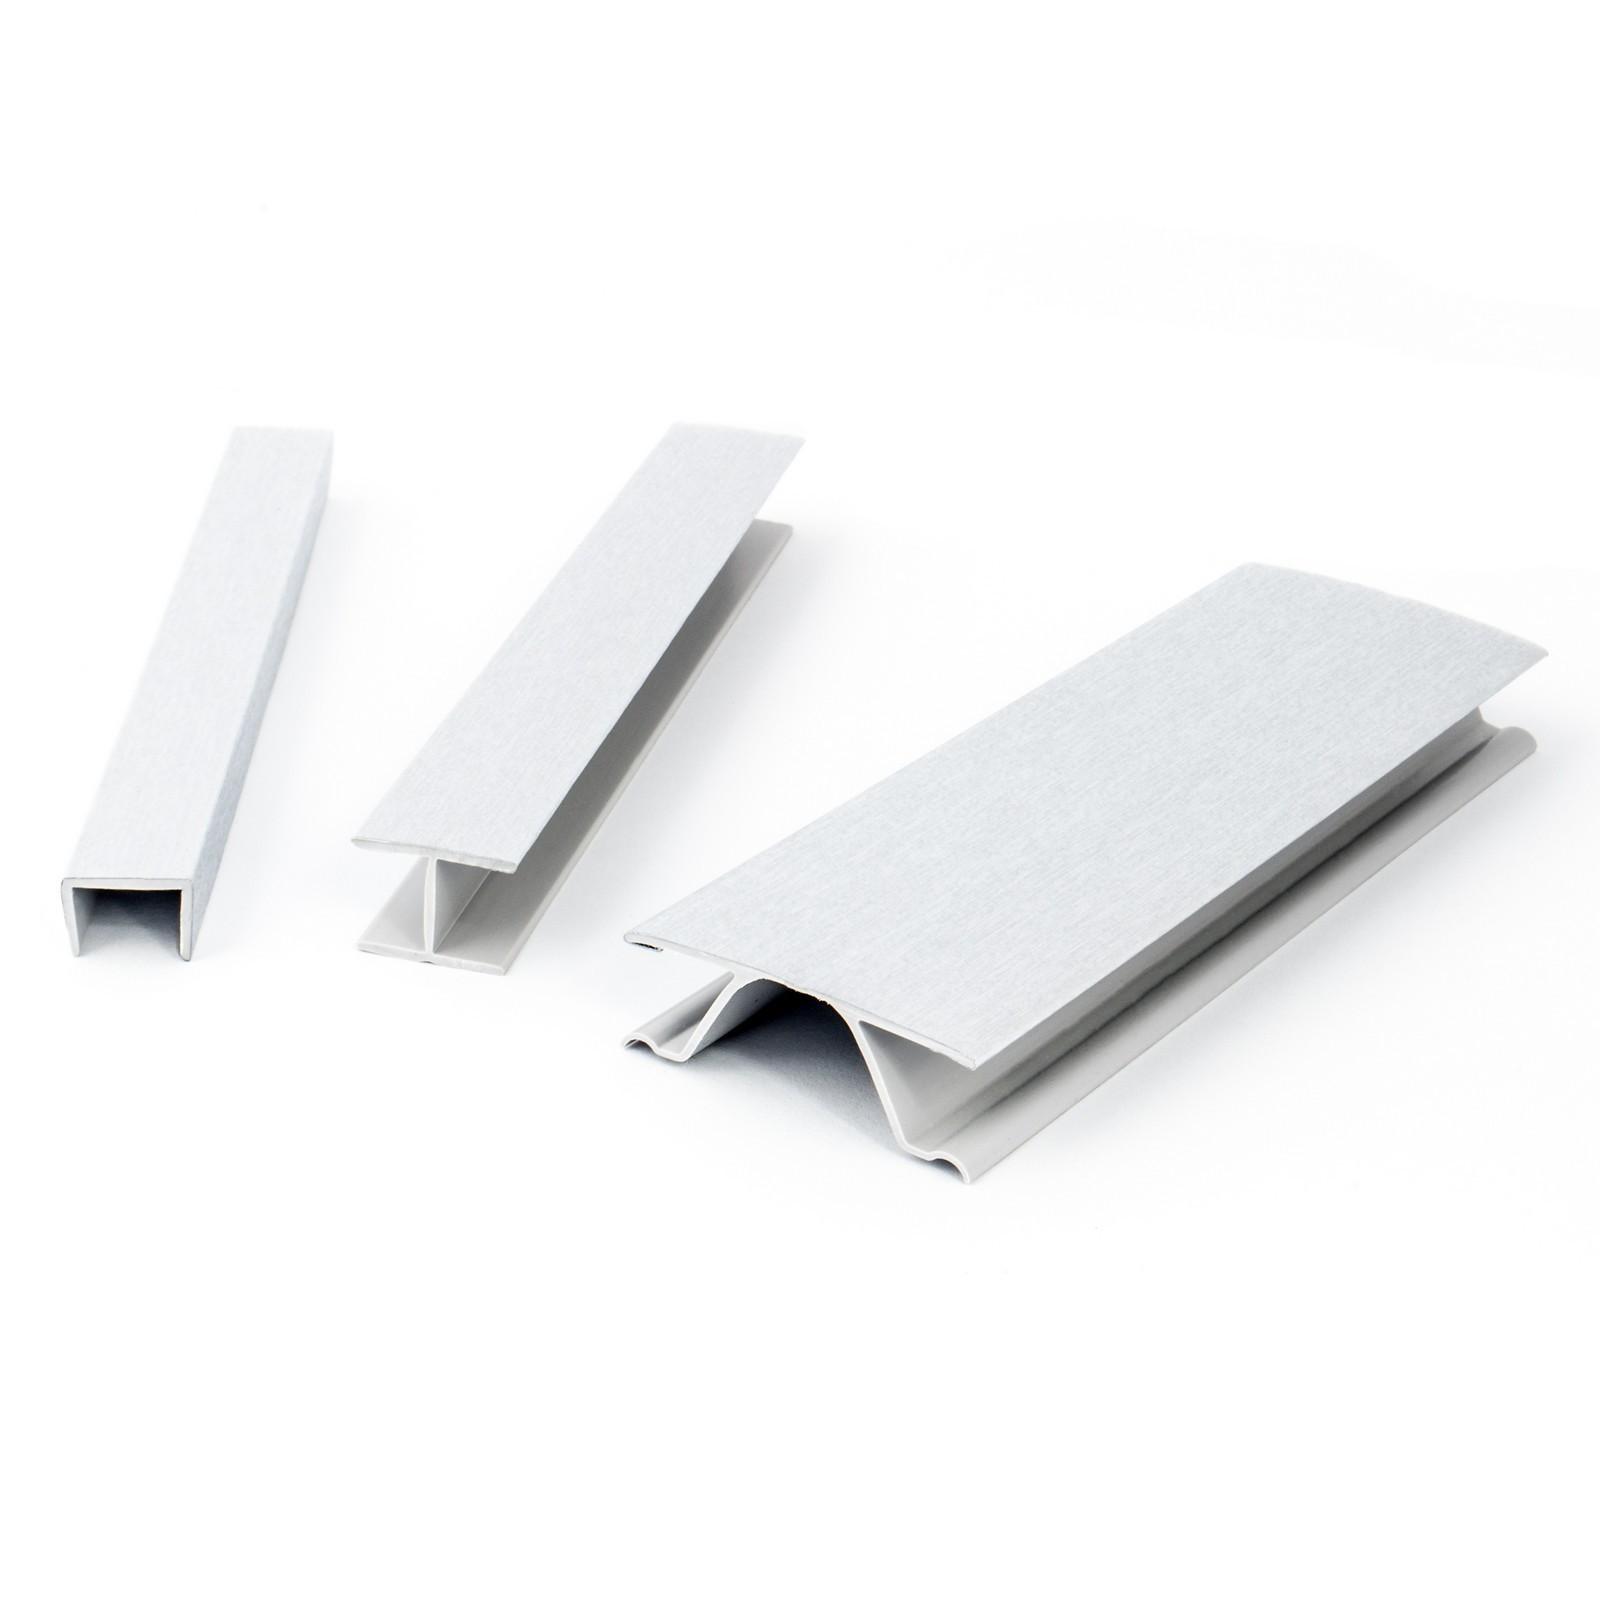 Plinthe pvc pour cuisine 100mm 150mm 1 5m noir aluminium - Plinthe pvc blanc ...